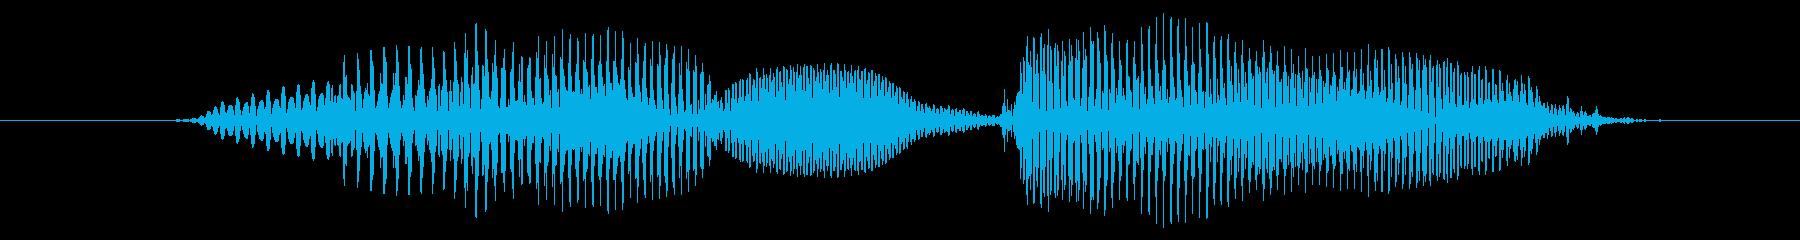 問題!の再生済みの波形